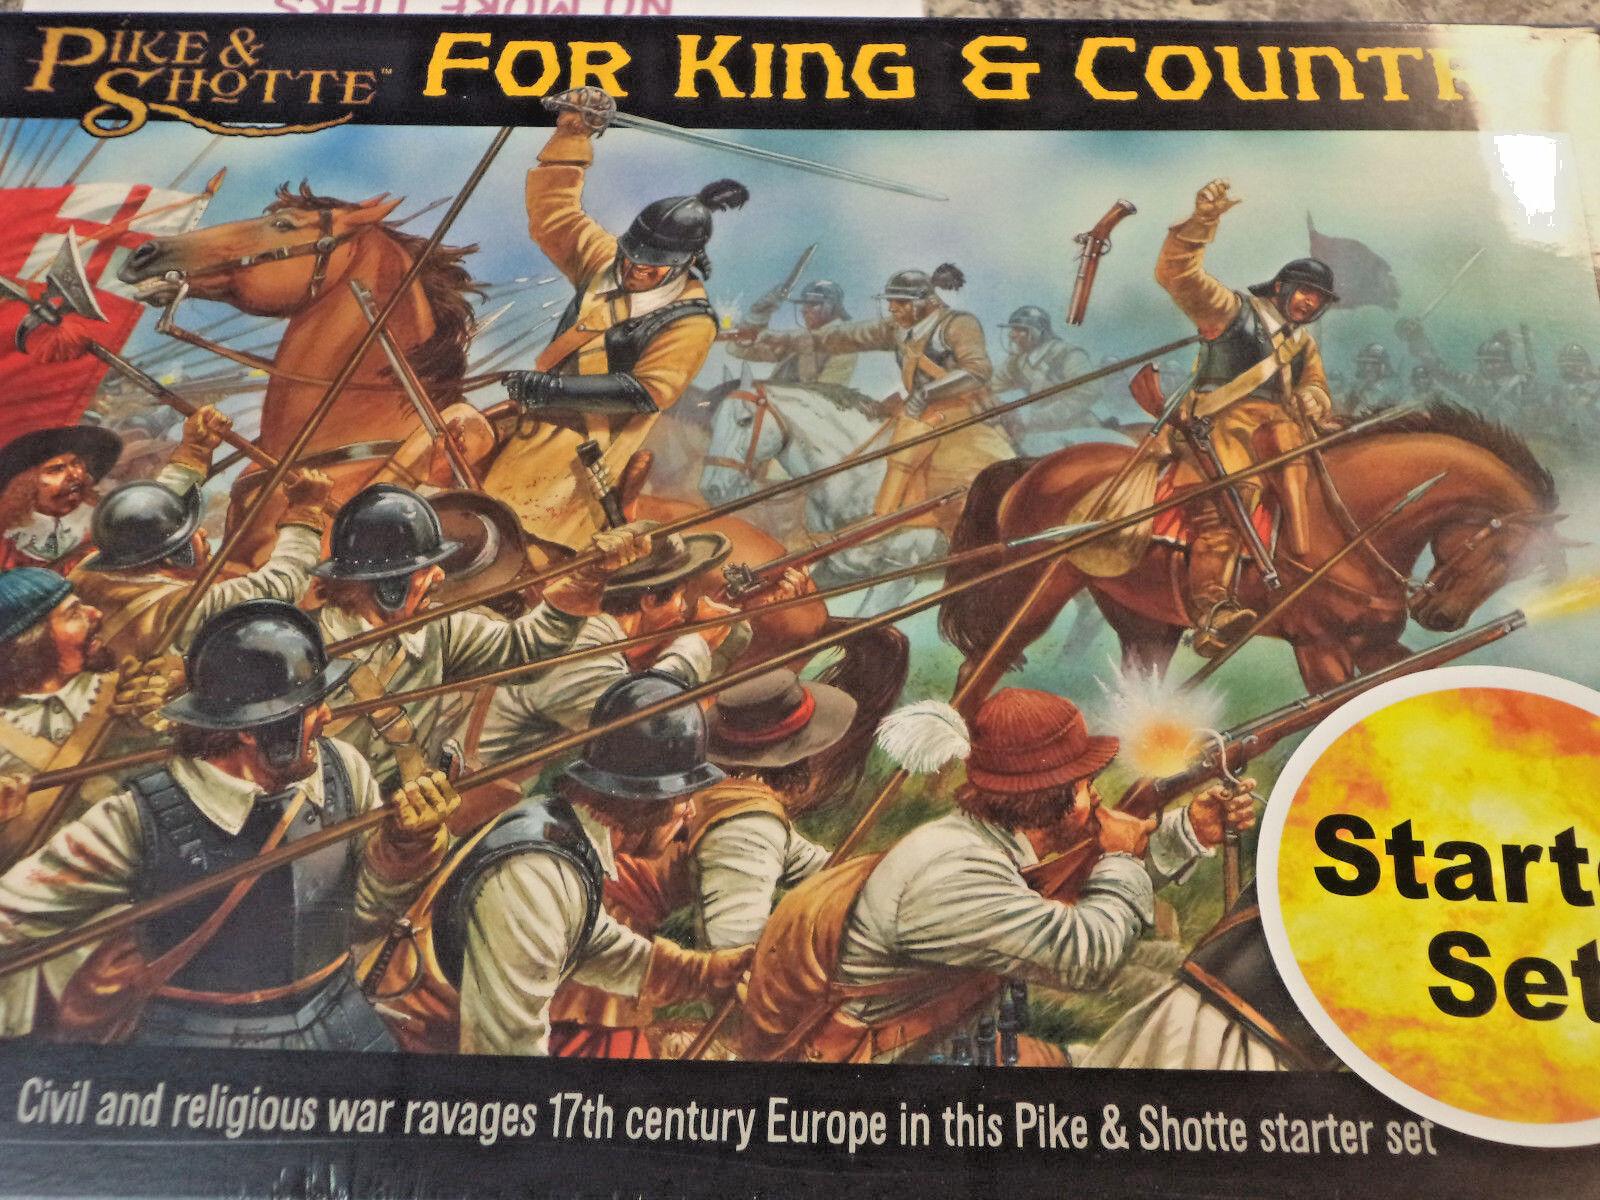 Para King & Country Lucio y Shotte Starter Set Juego De Guerra Señor de la guerra  nuevo